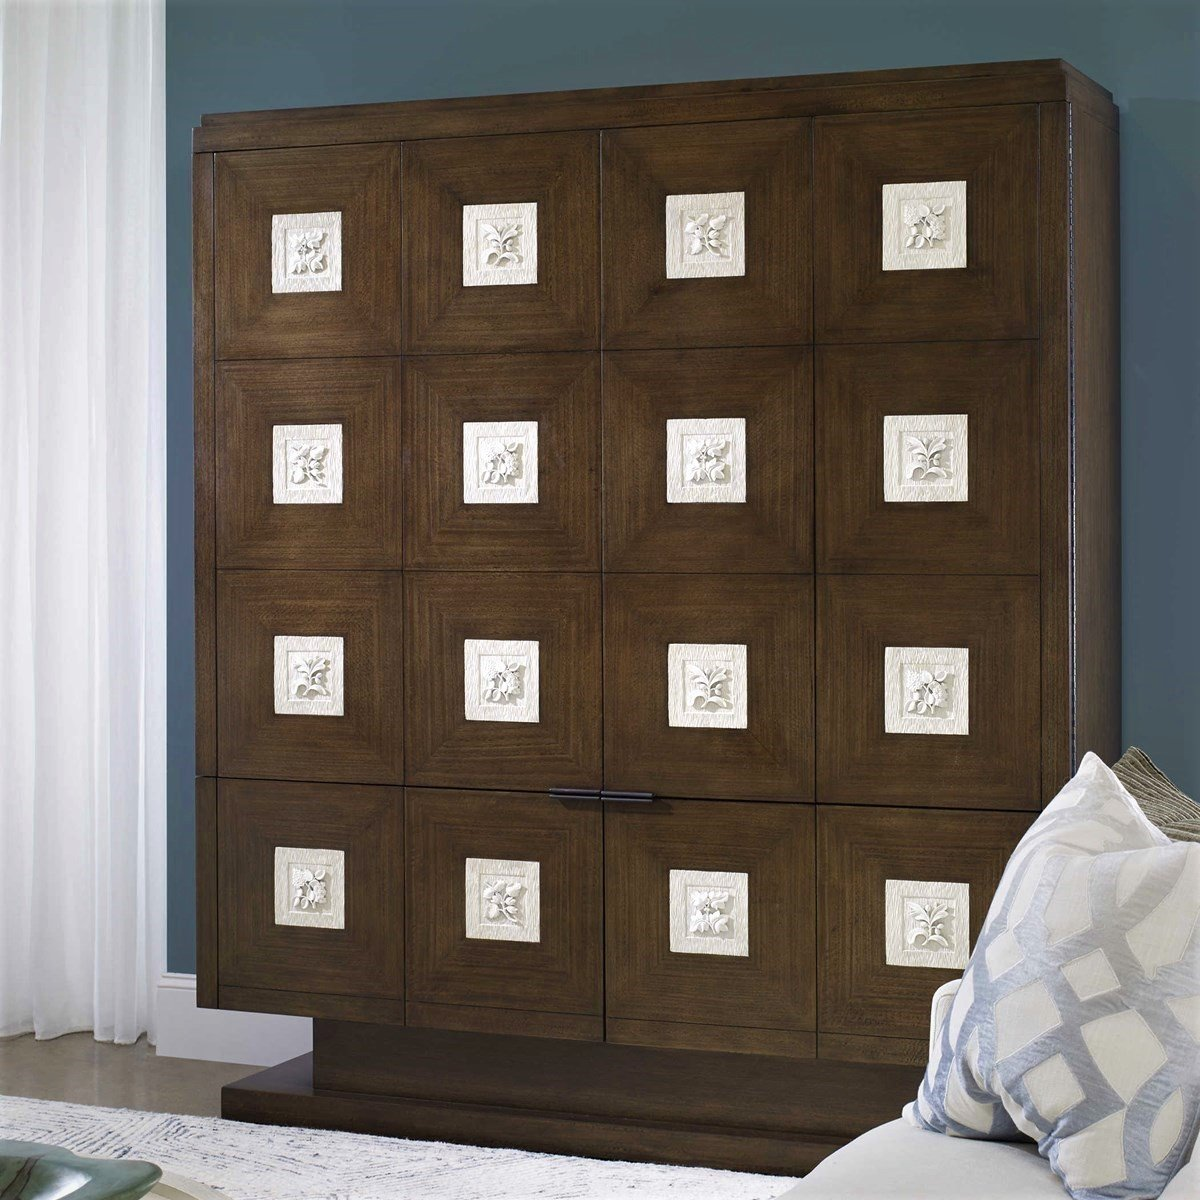 Large retro-nostalgic chest with geometric shapes and botanicals